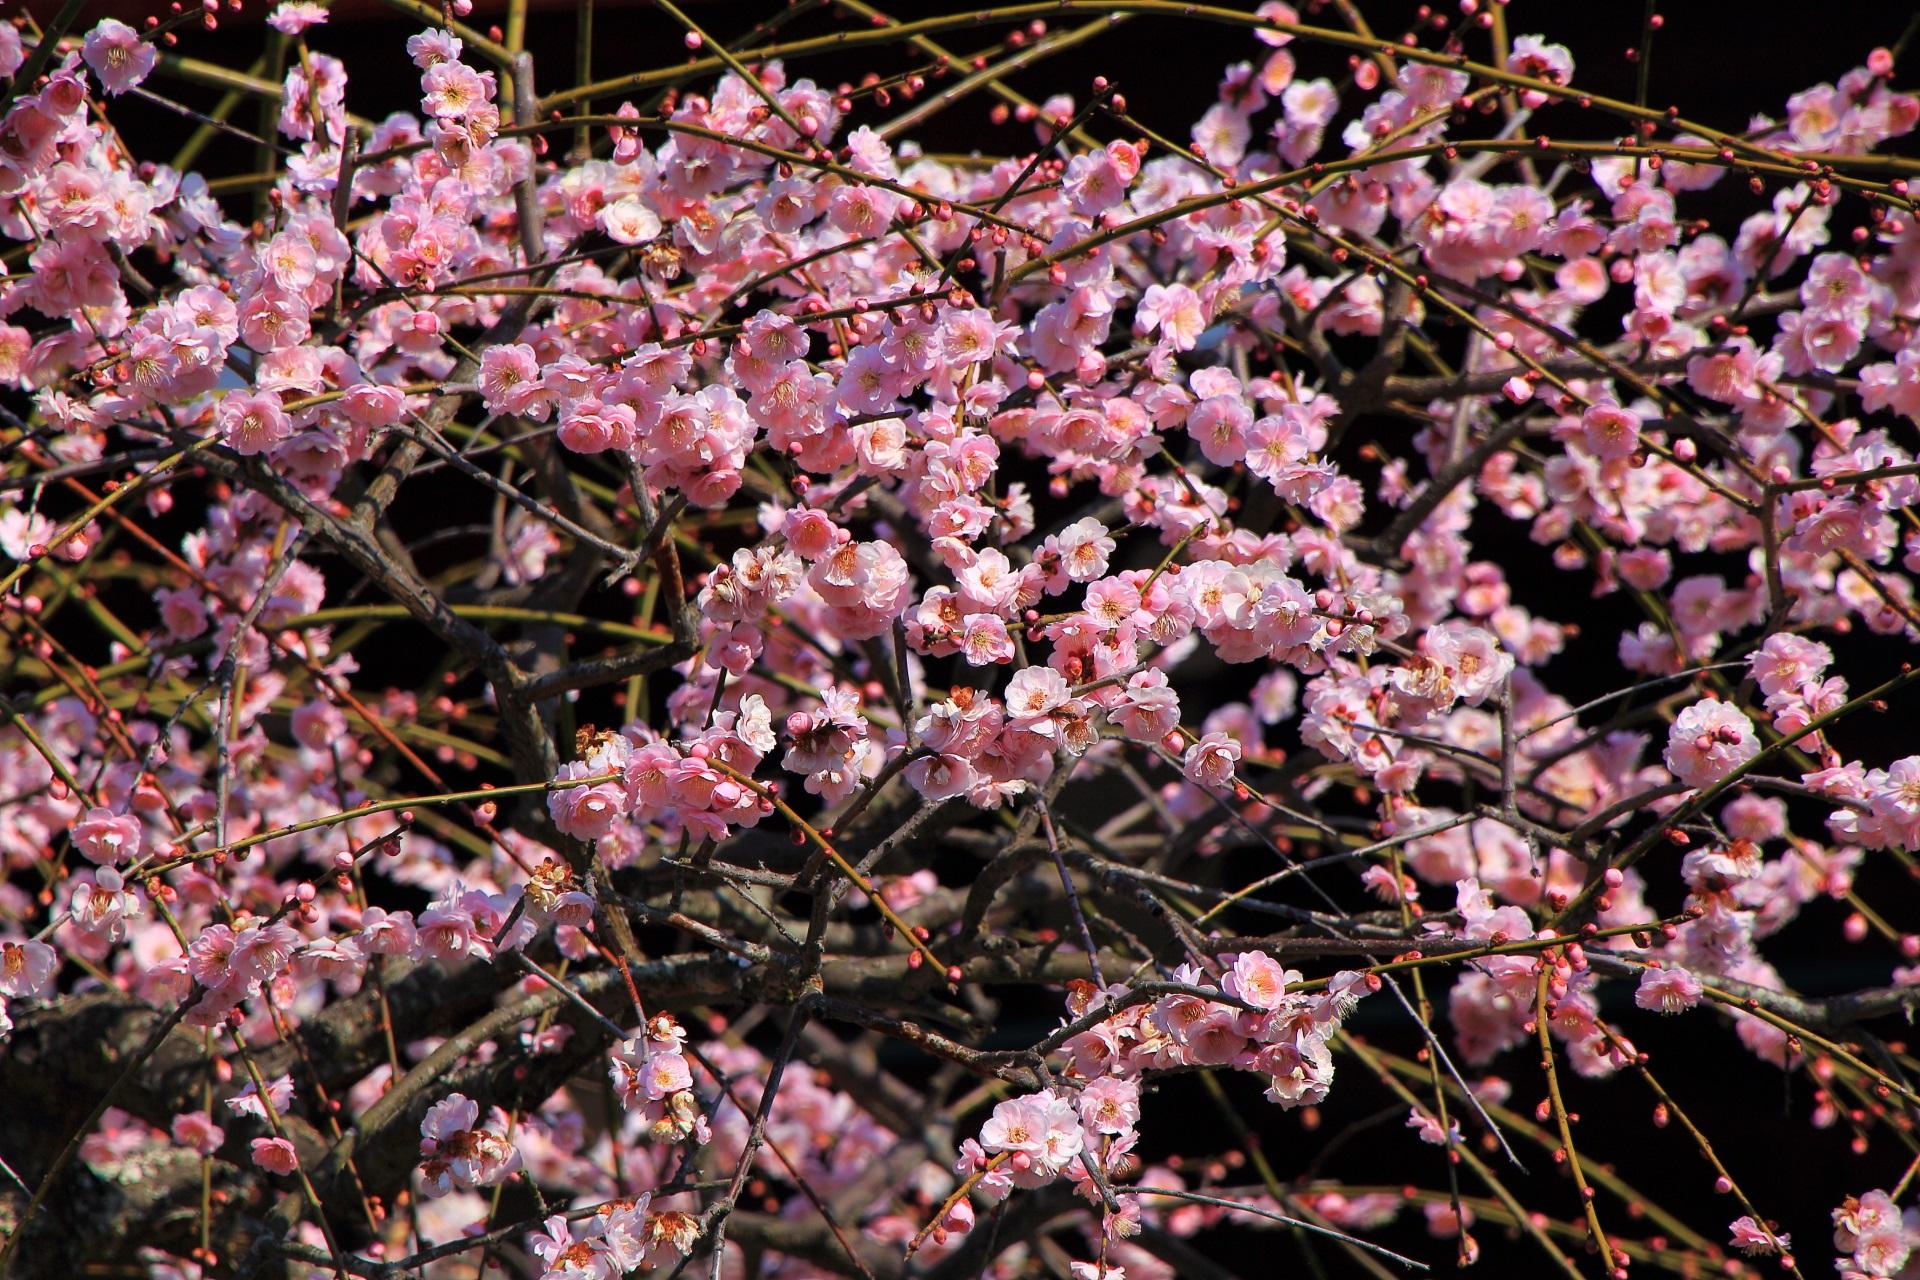 春先を彩るたくさんのピンクの梅の花